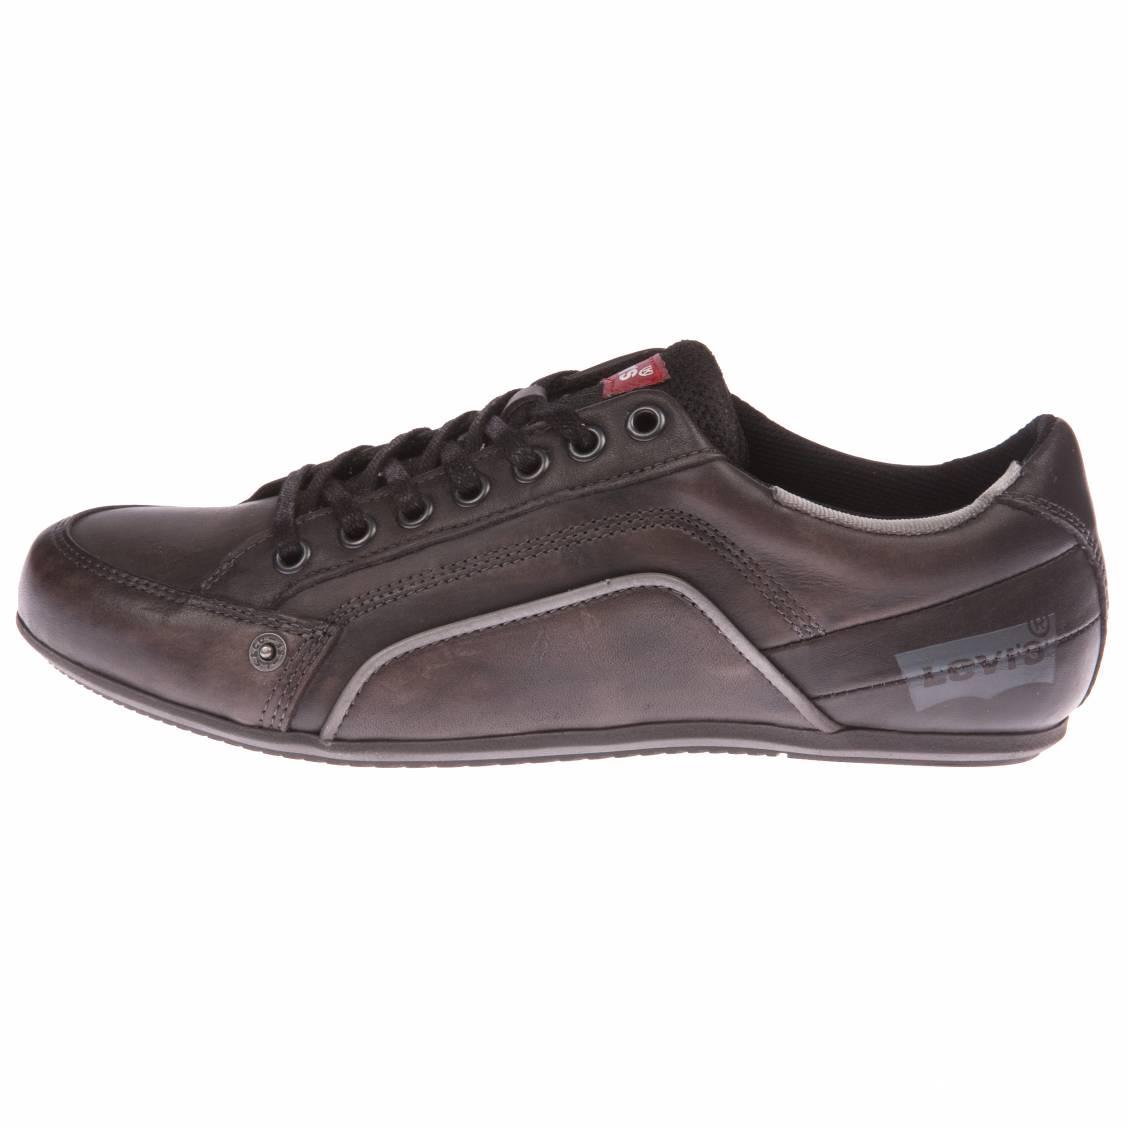 Achat Chaussures Homme à prix discount Vous cherchez des chaussures homme pas cher? C'est sans doute pour vous un choix important: vos nouvelles chaussures doivent correspondre à votre style tout en étant confortables et résistantes.